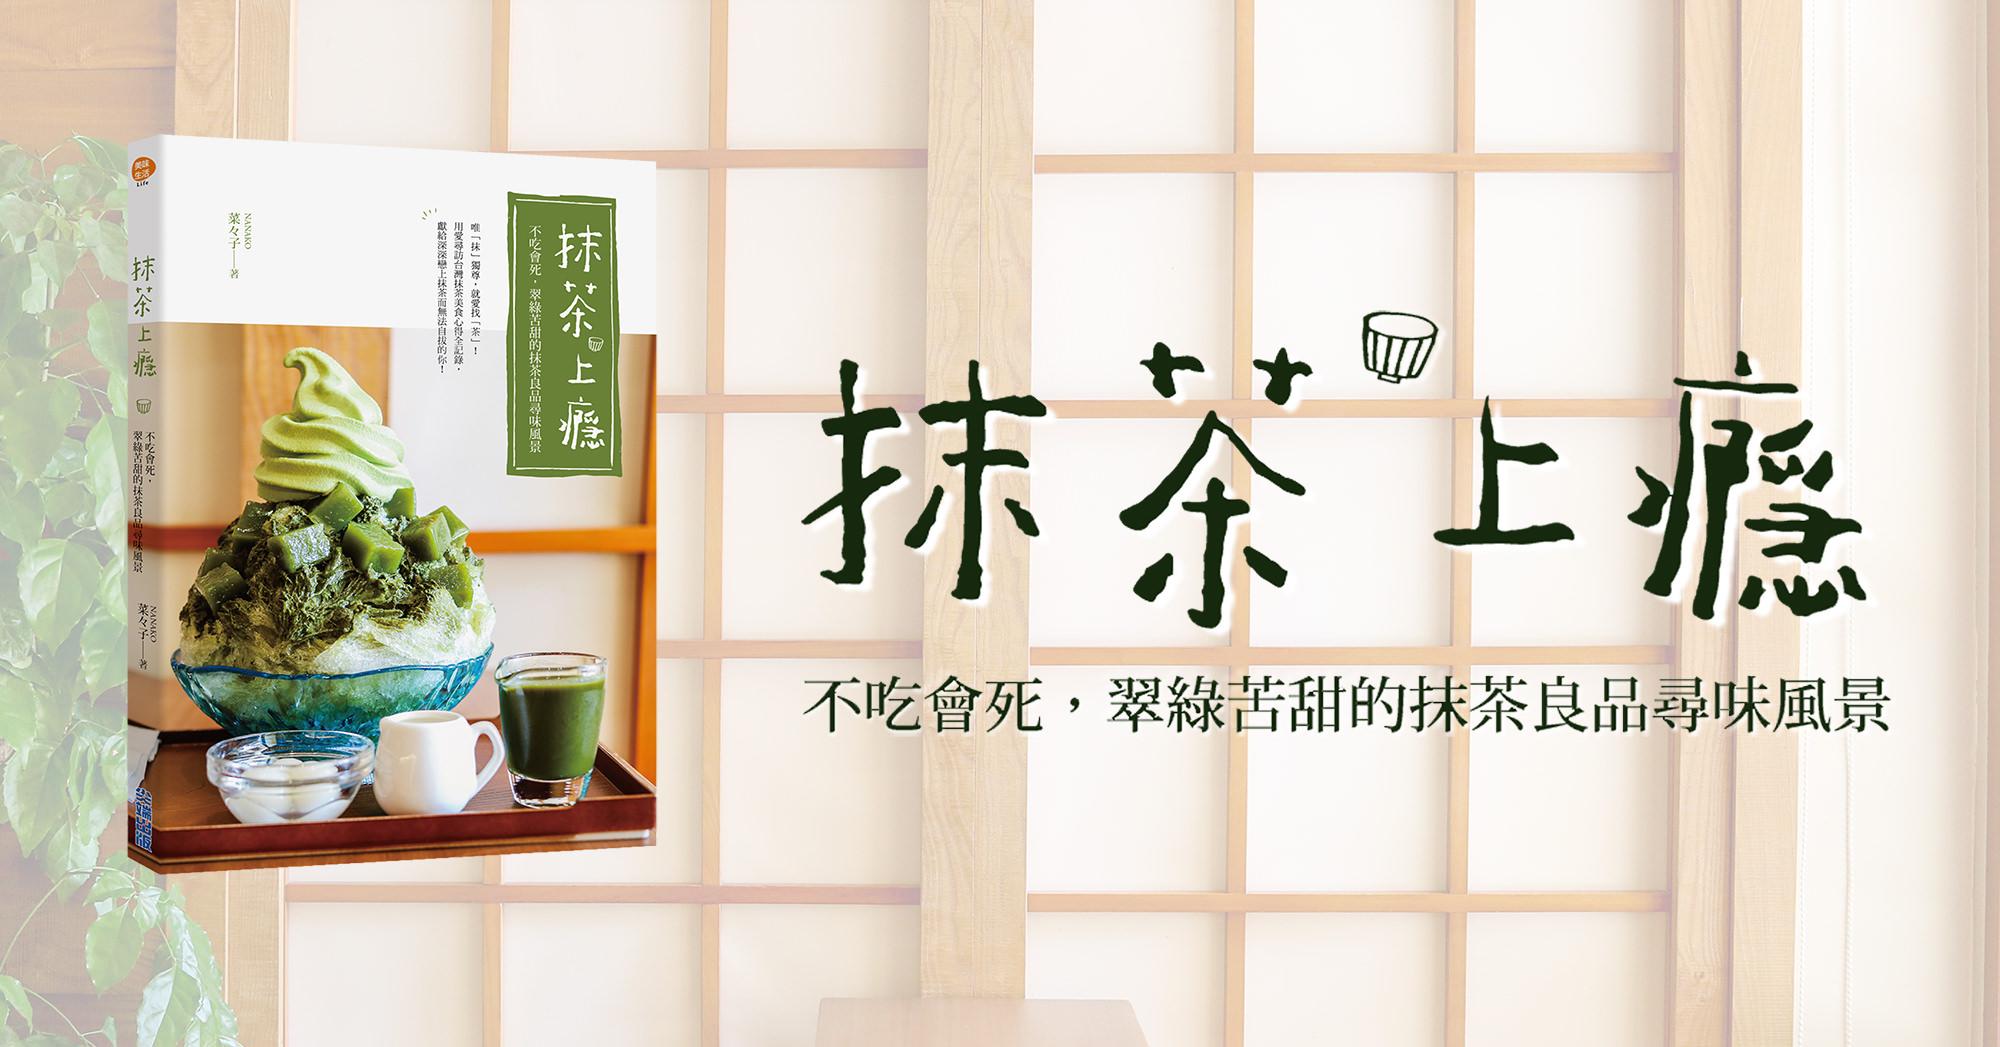 抹茶書籍||抹茶上癮:不吃會死,翠綠苦甜的抹茶良品尋味風景